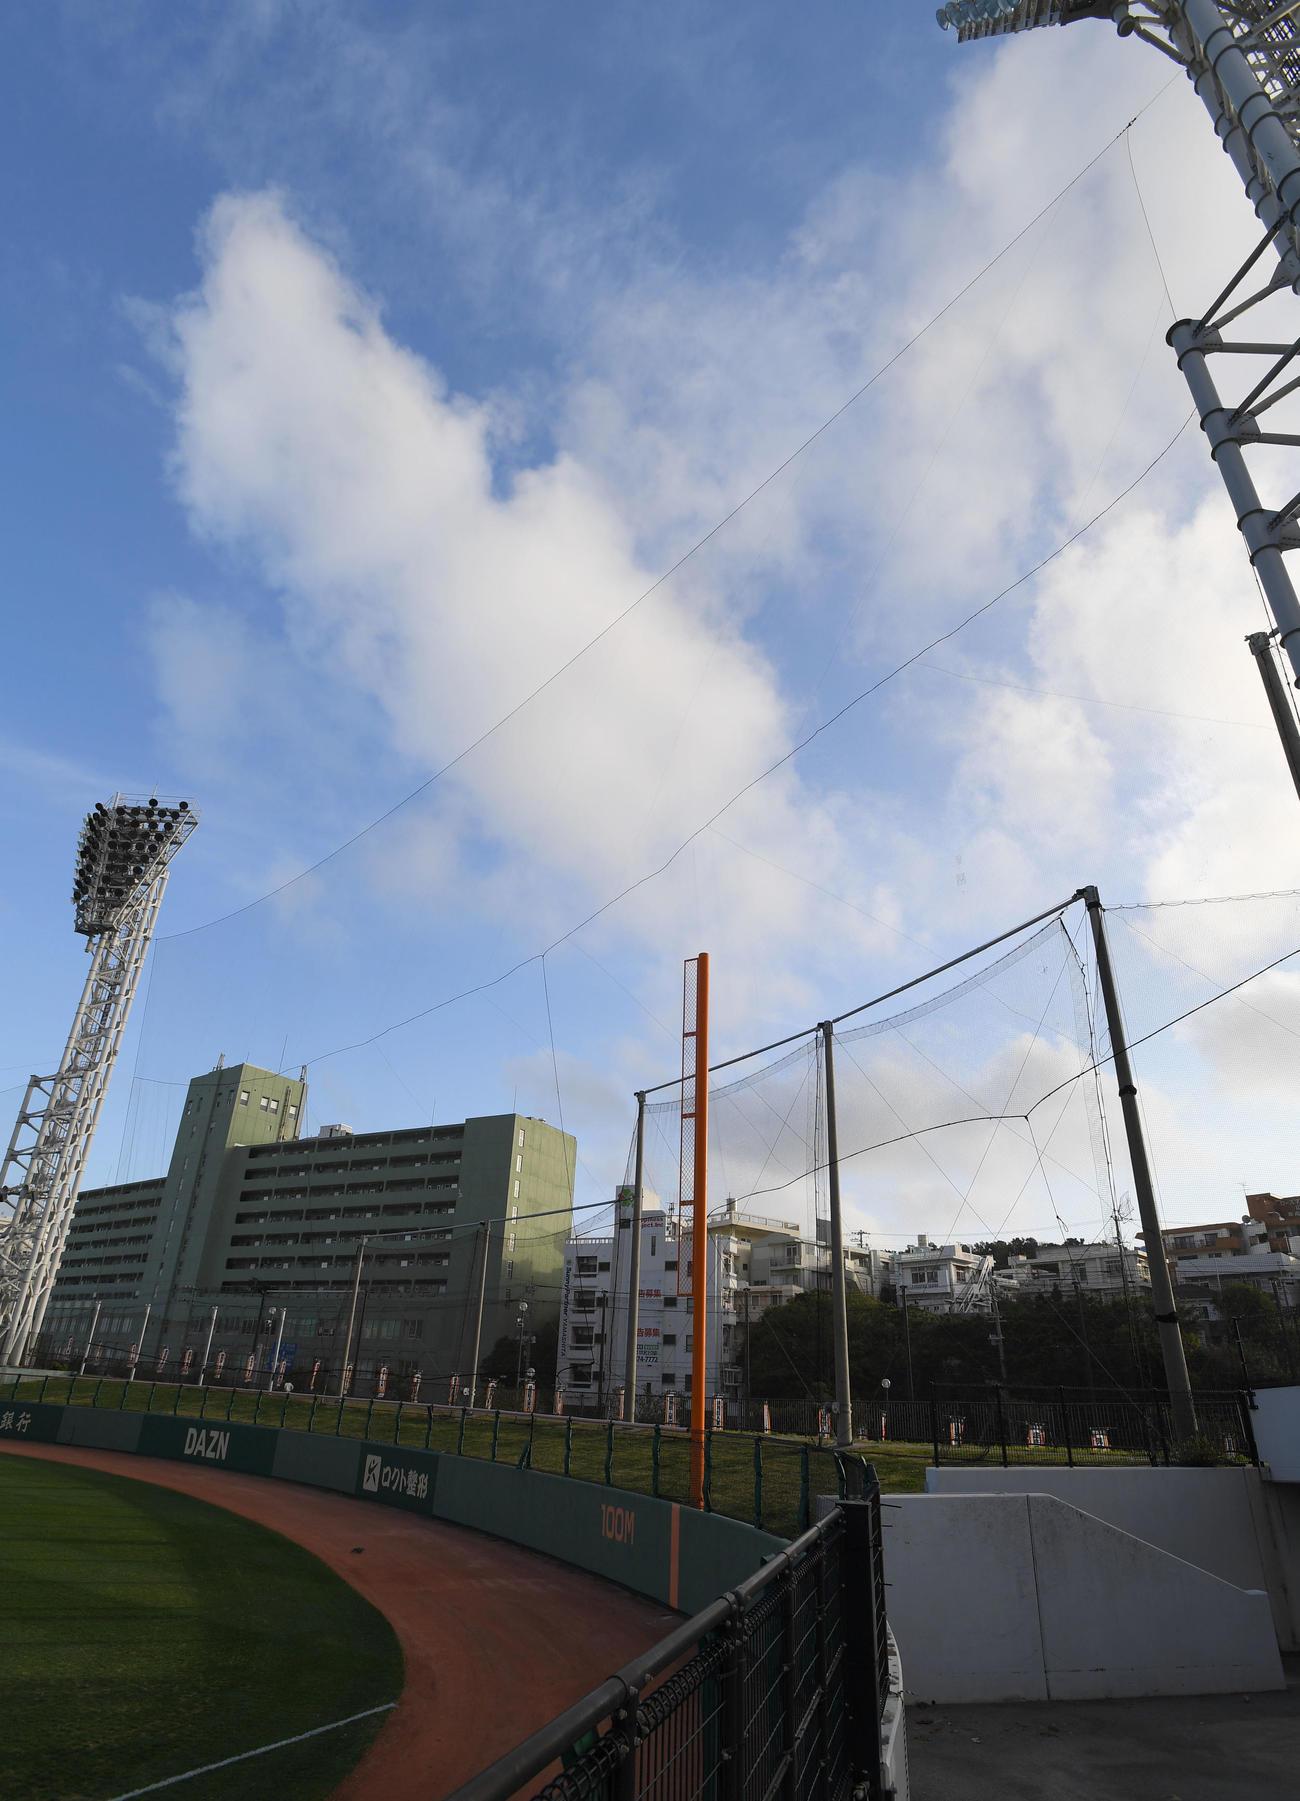 打球が球場外に飛び出さないよう増設された右翼側ネット(撮影・加藤諒)